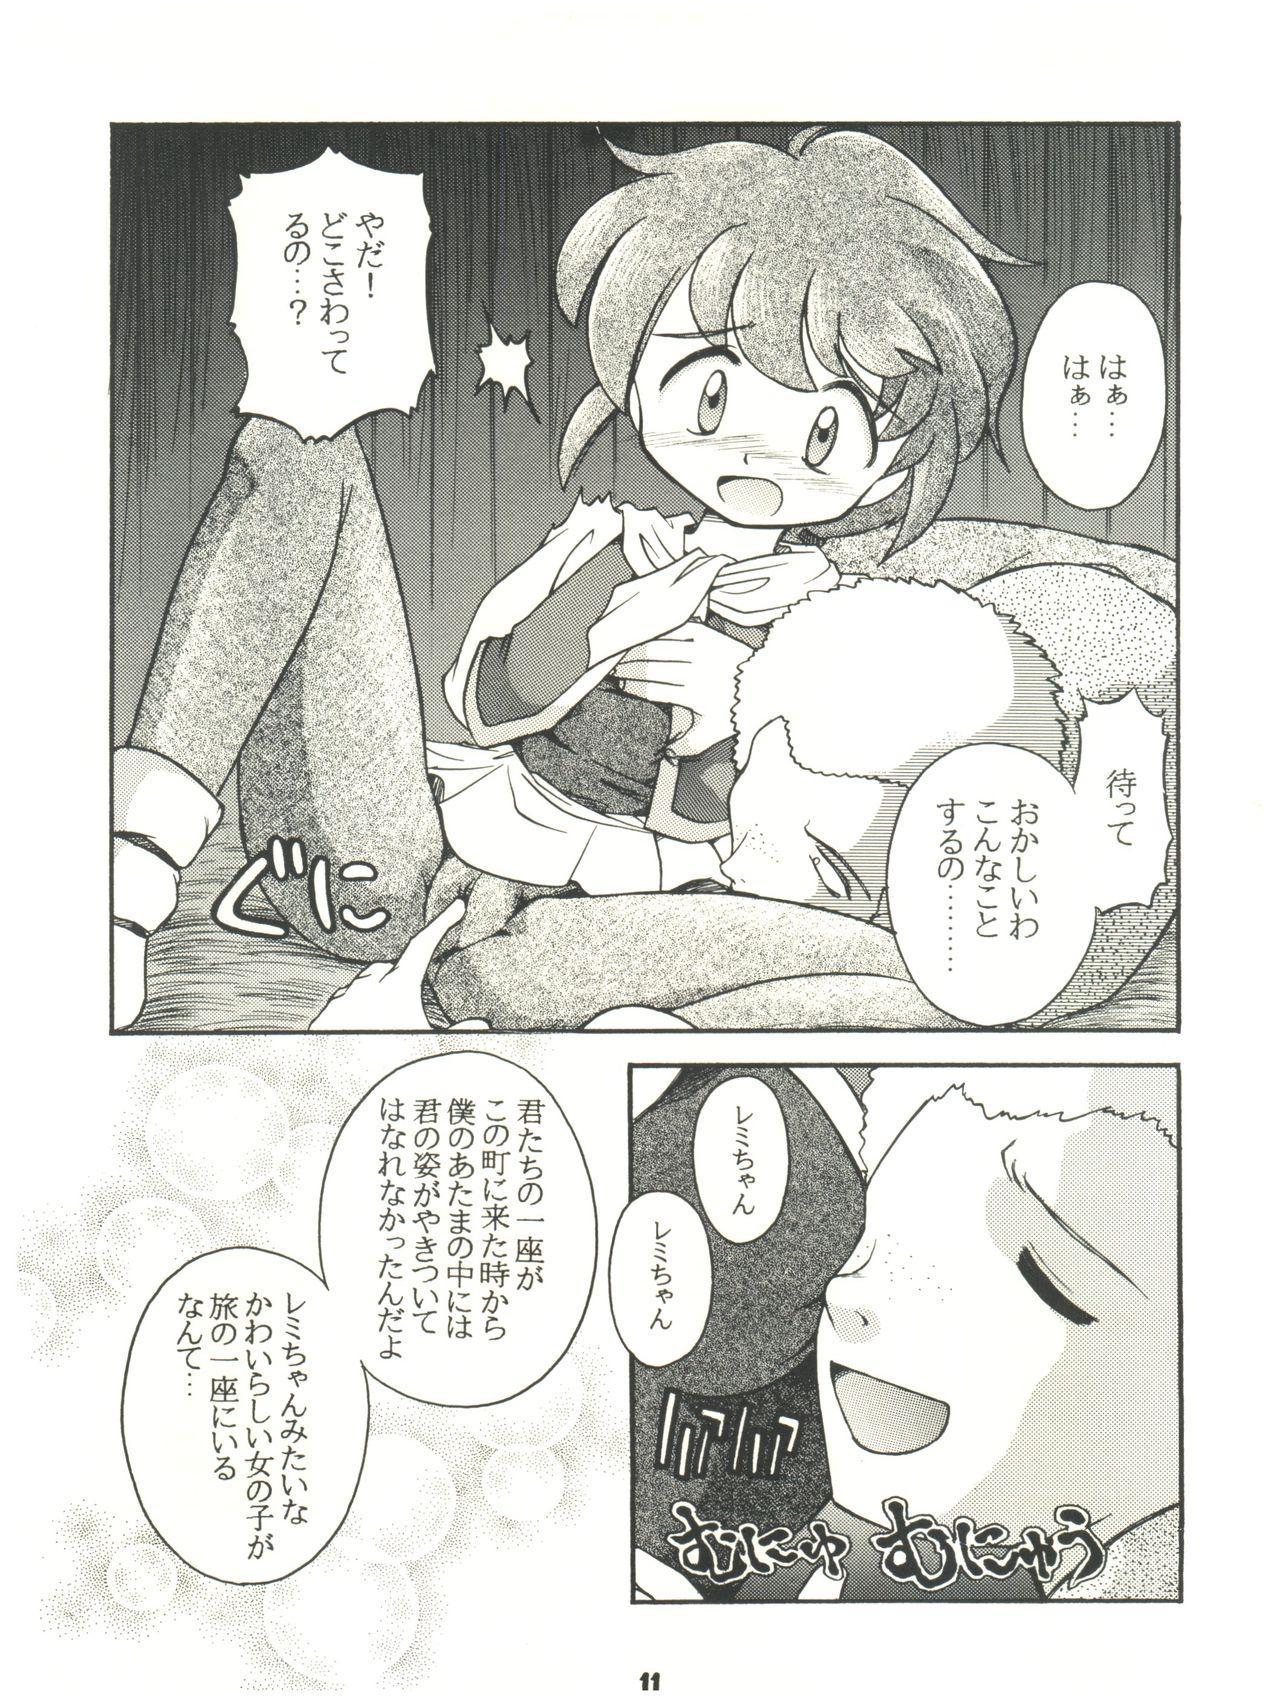 [Sairo Publishing (J. Sairo) En-Jack 2 (Various) 10